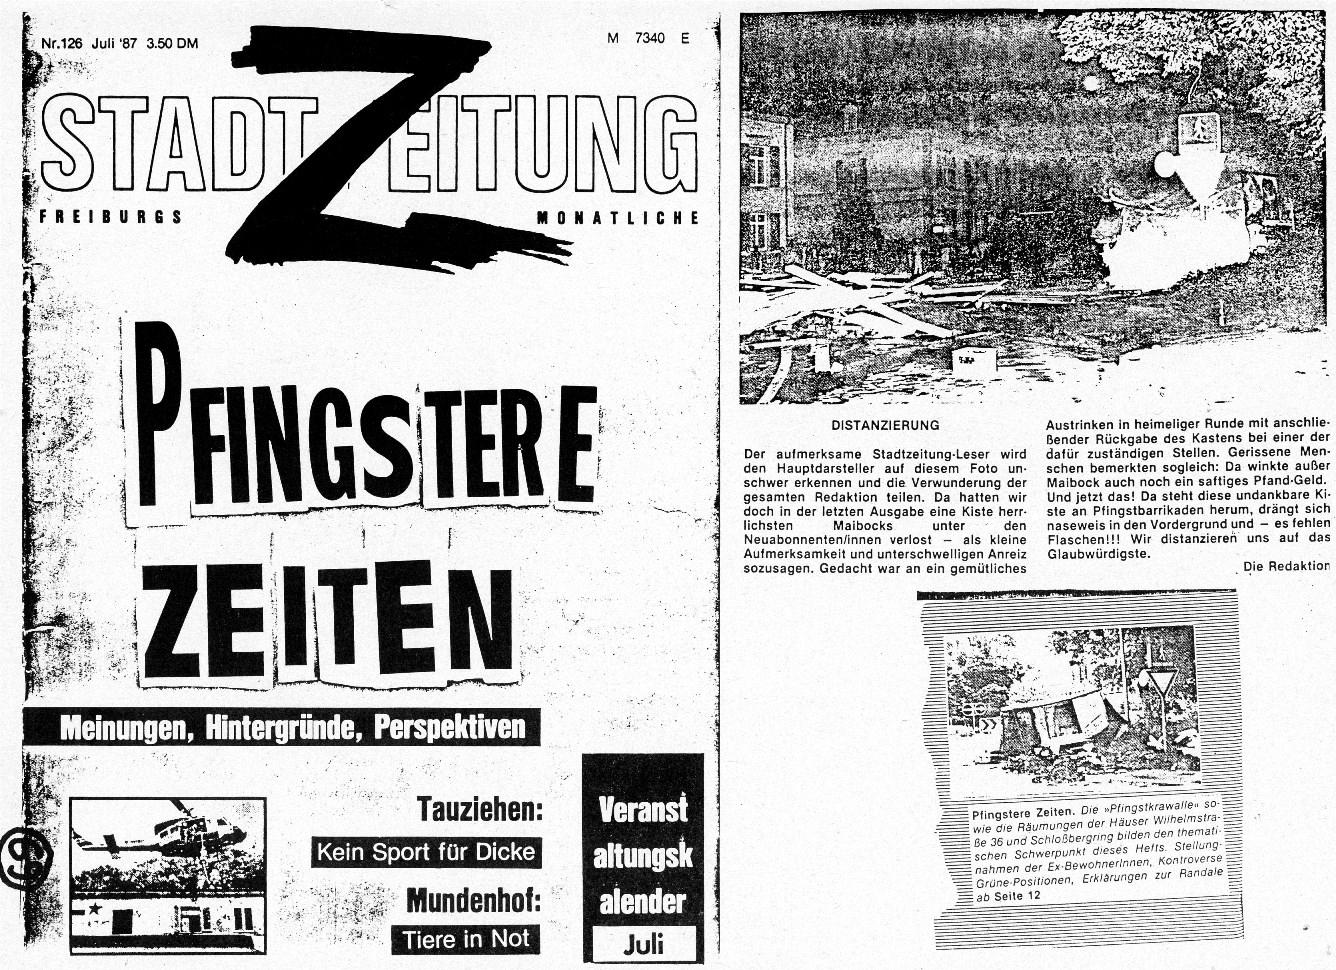 Freiburg_Hausbesetzung_03_Willi_und_andere_69